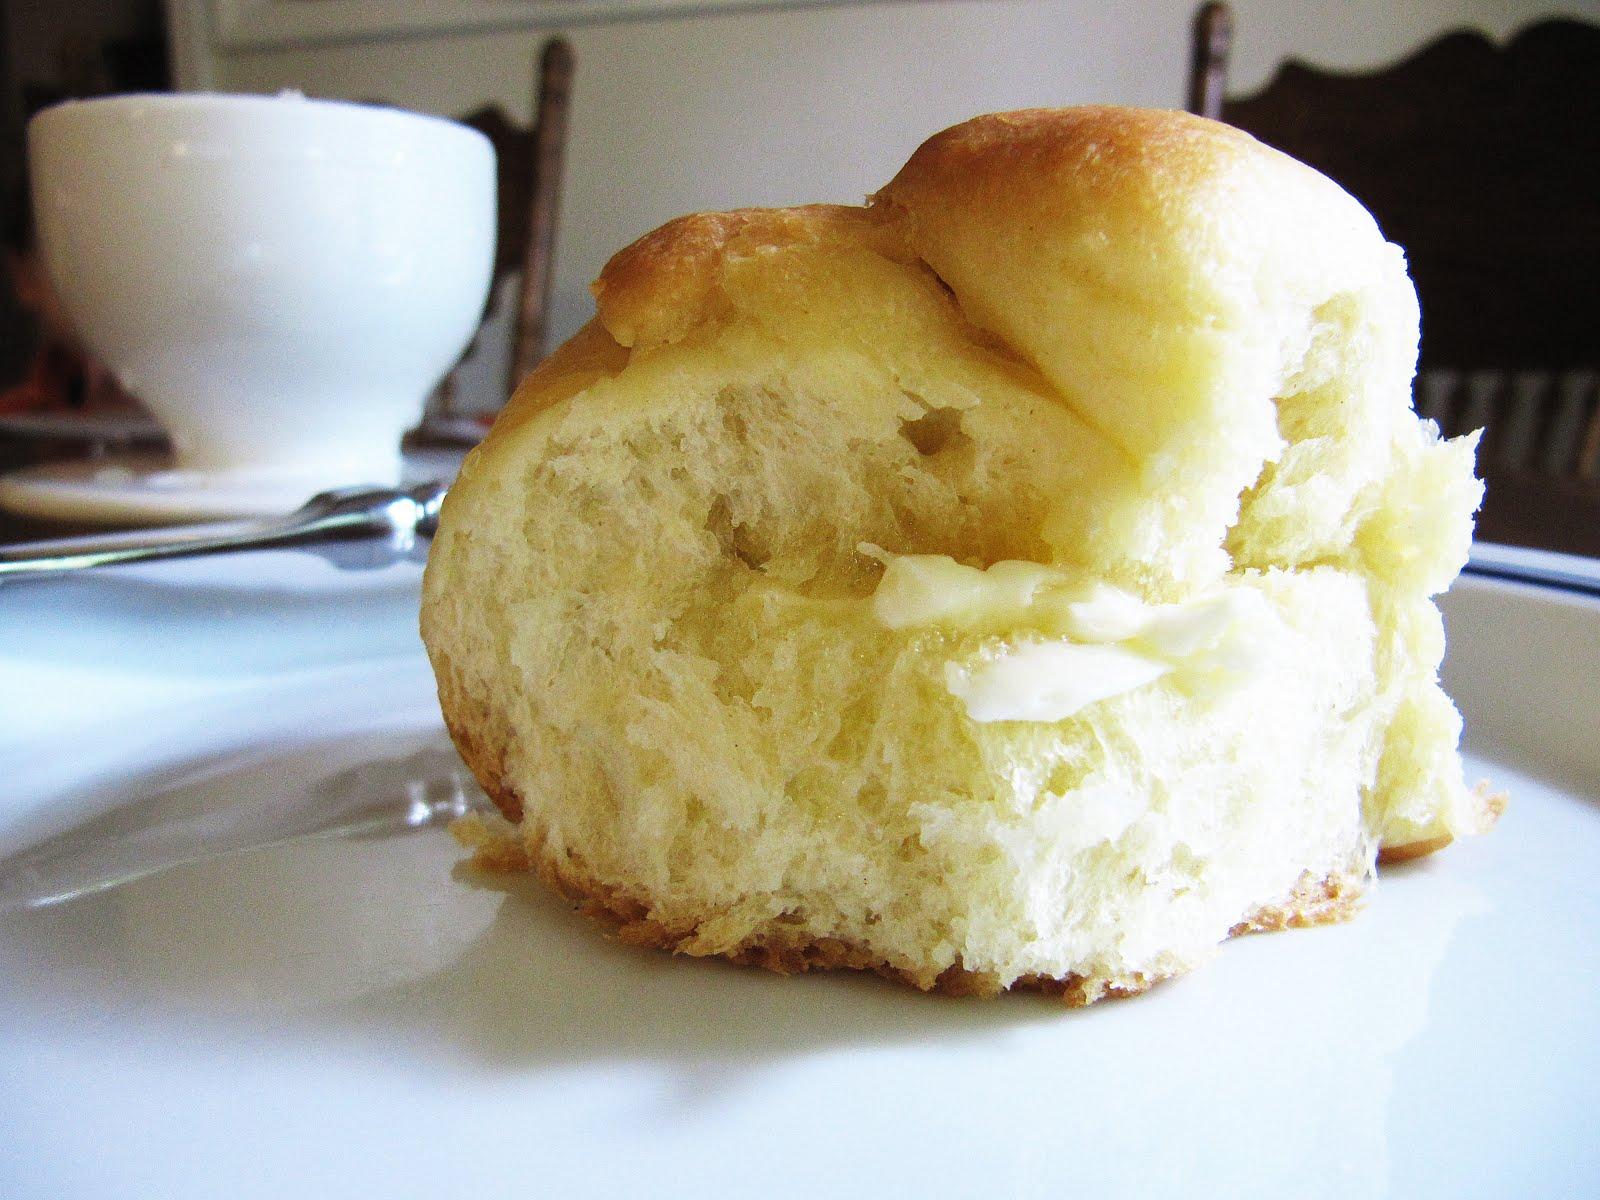 Yeast buns: recipe, photo. Muffin dough for buns 11